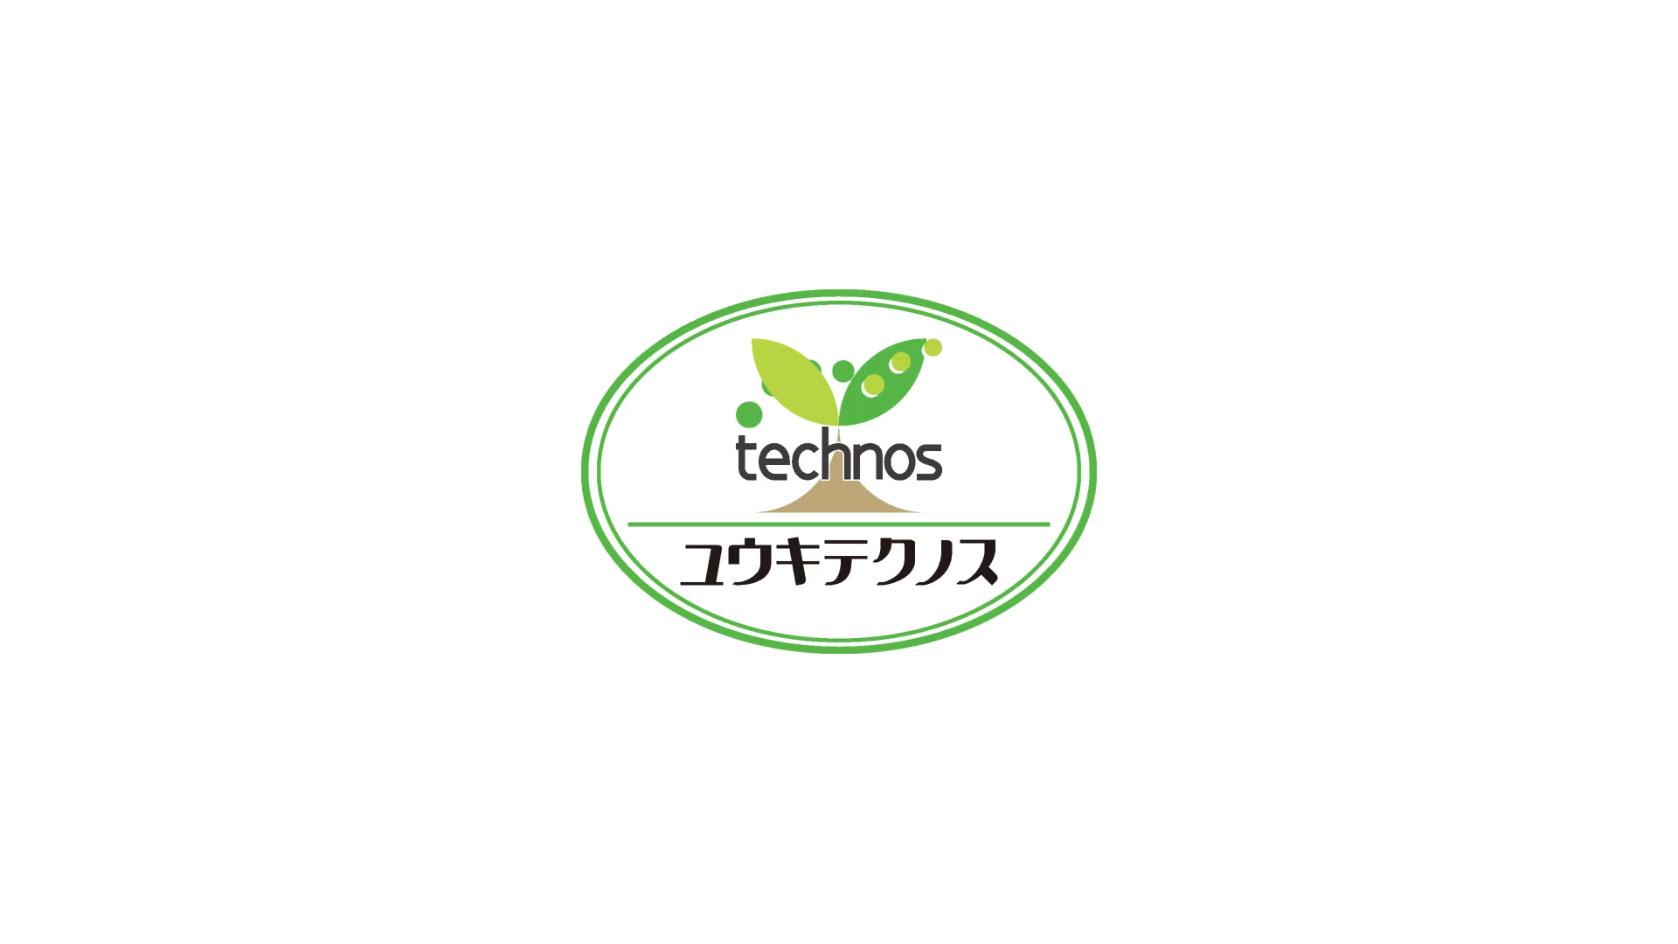 ユウキテクノス株式会社